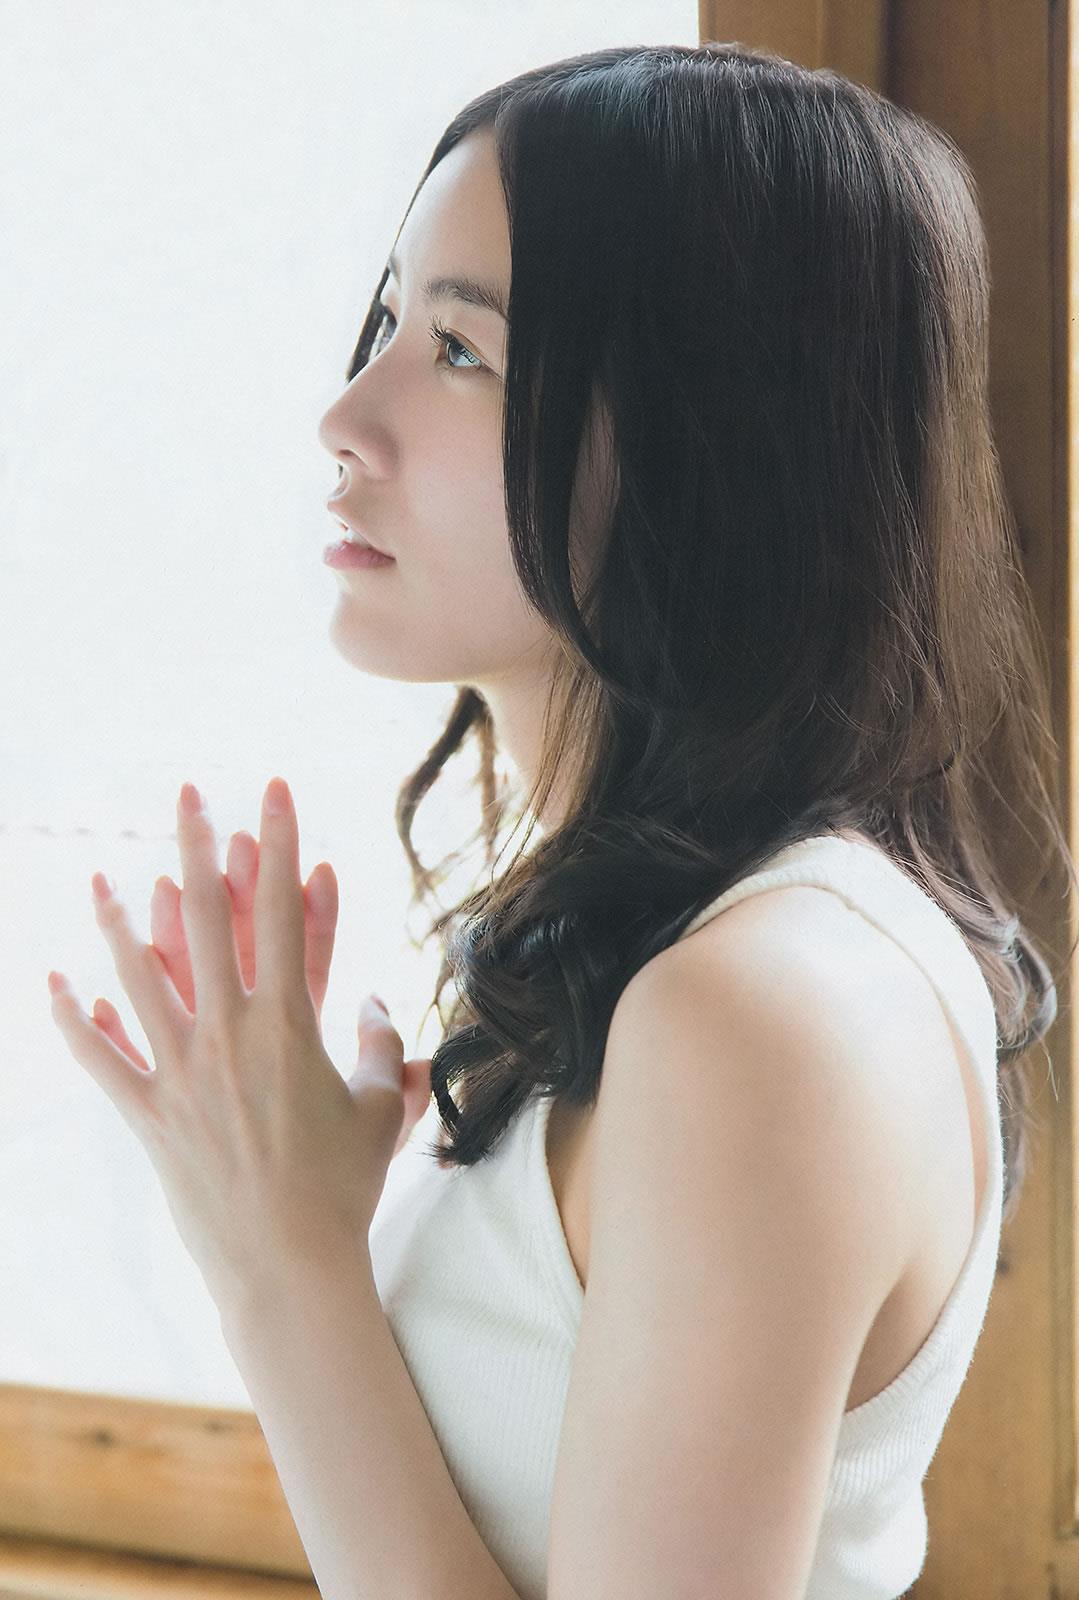 松井珠理奈 画像 69